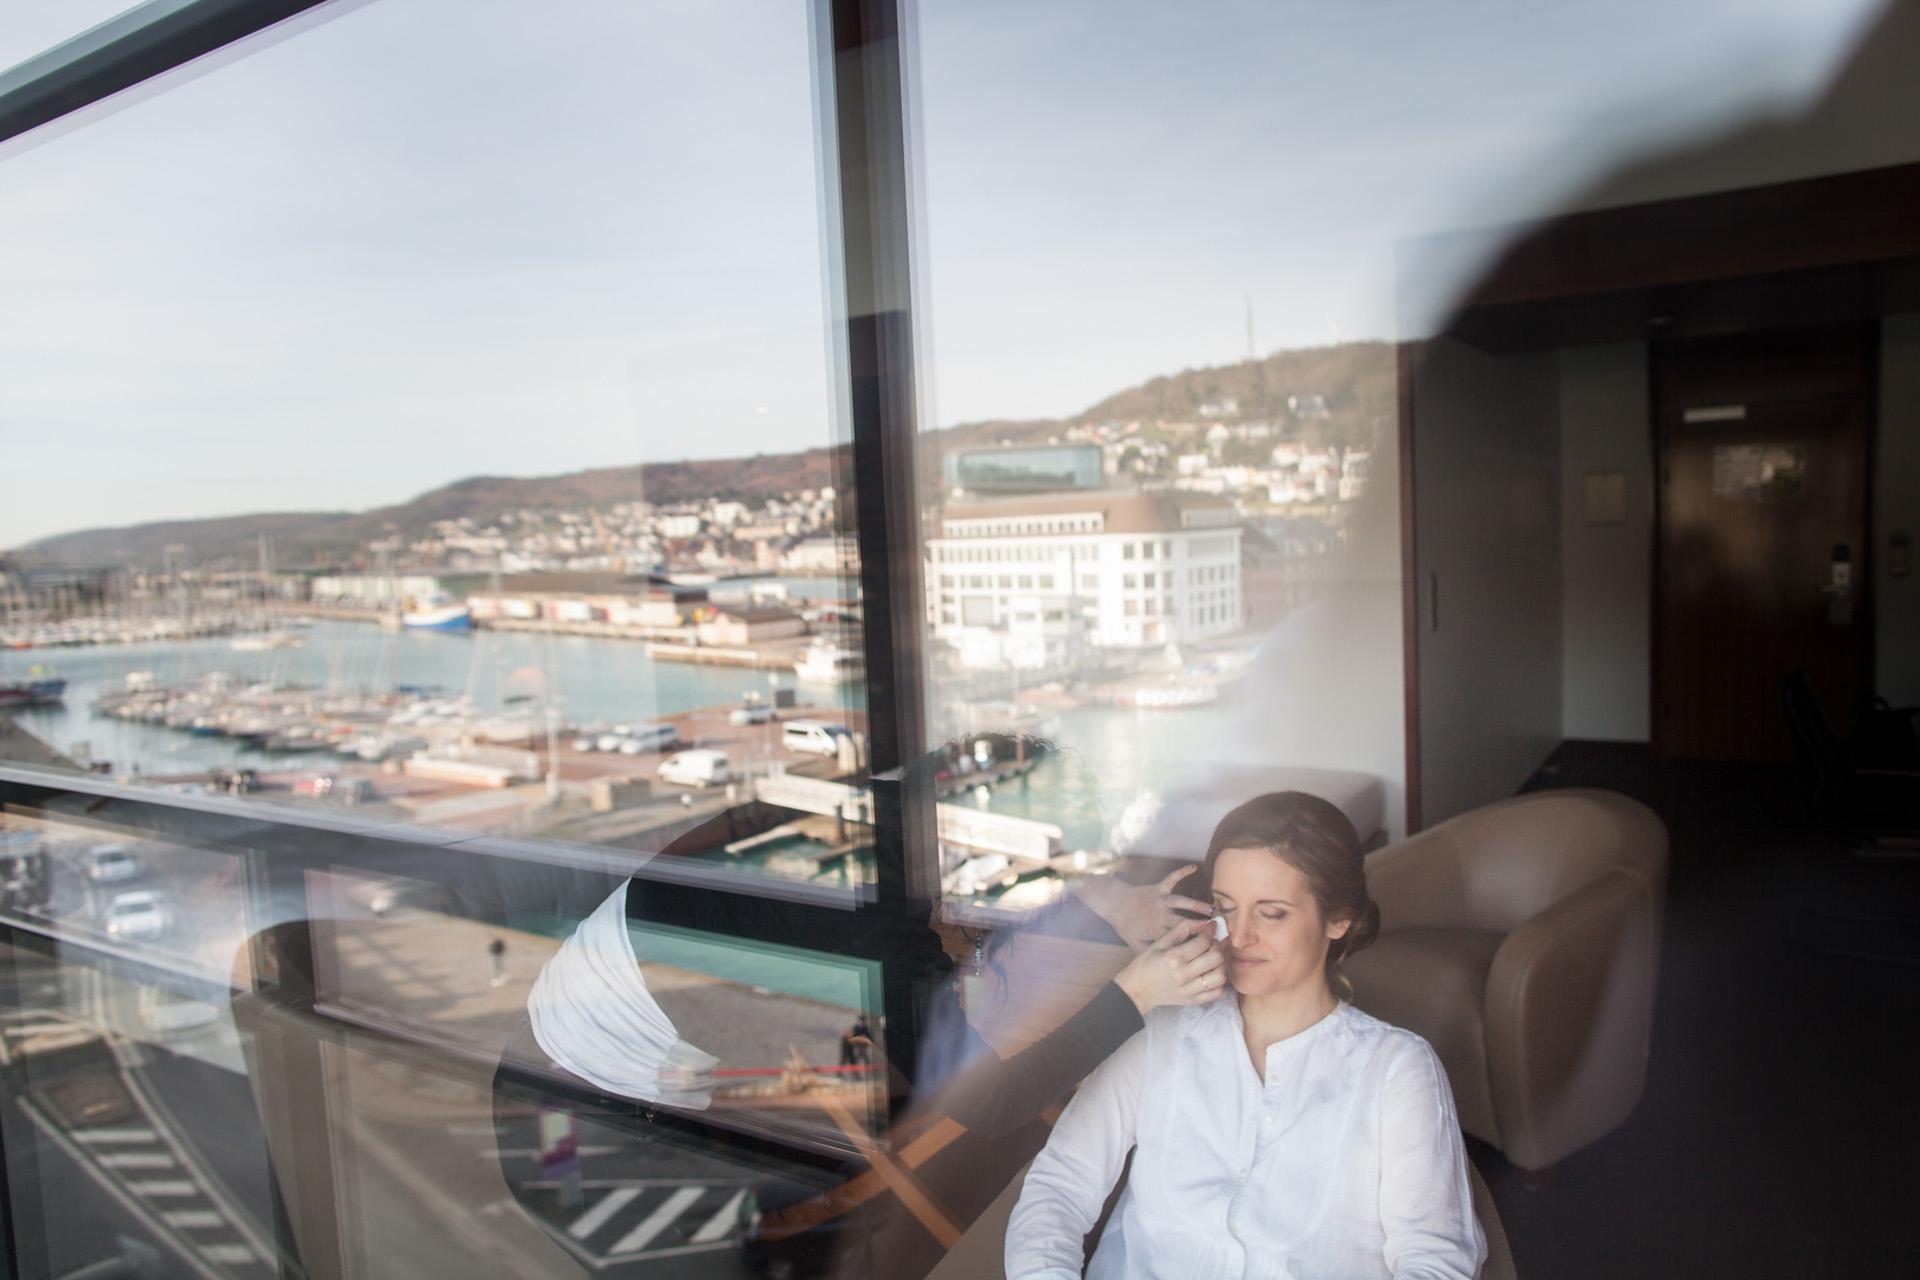 Les préparatifs à l'hôtel de la mariée - Sébastien Leloup